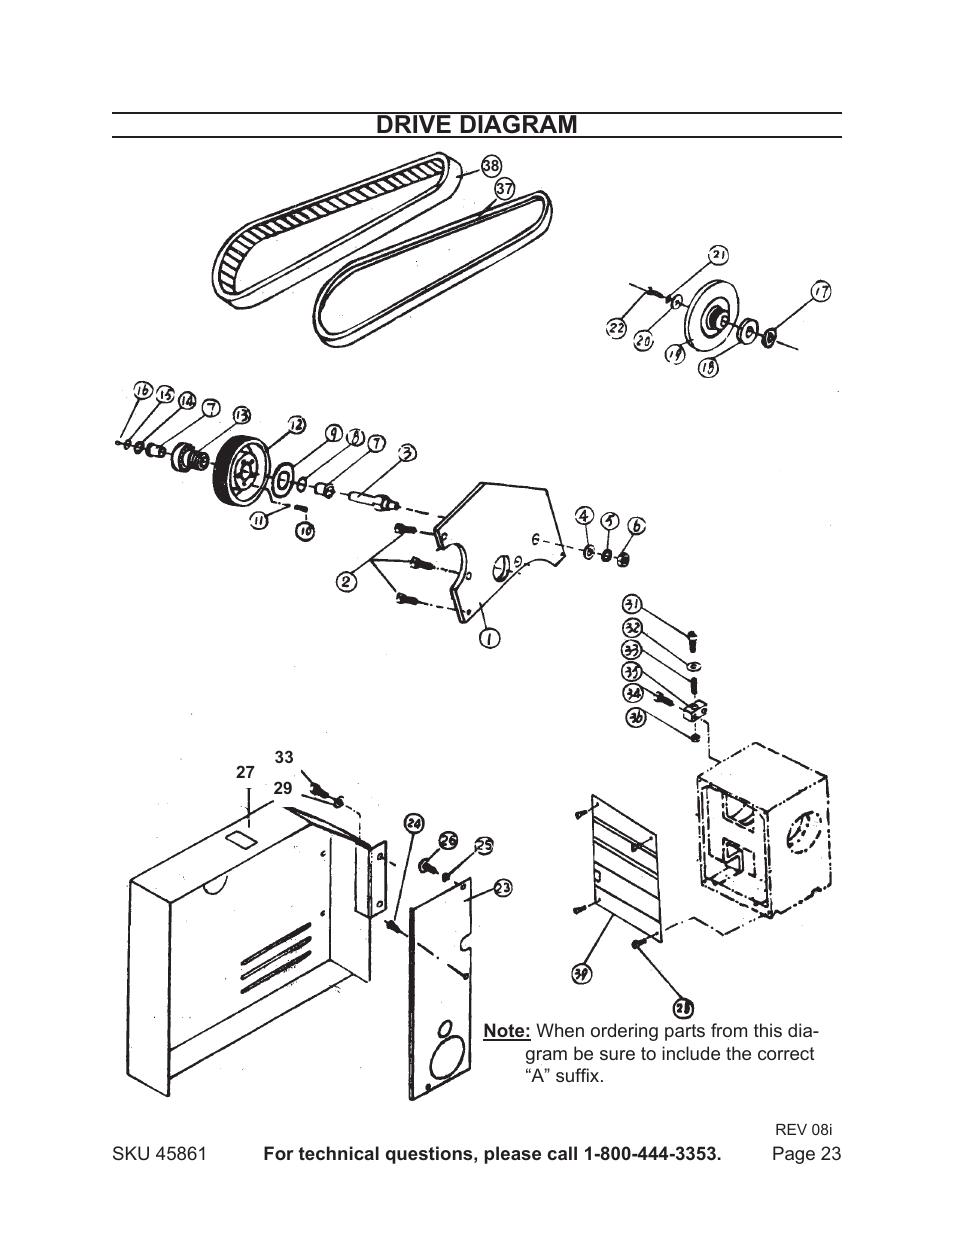 Online Diagramming Tool Manual Guide